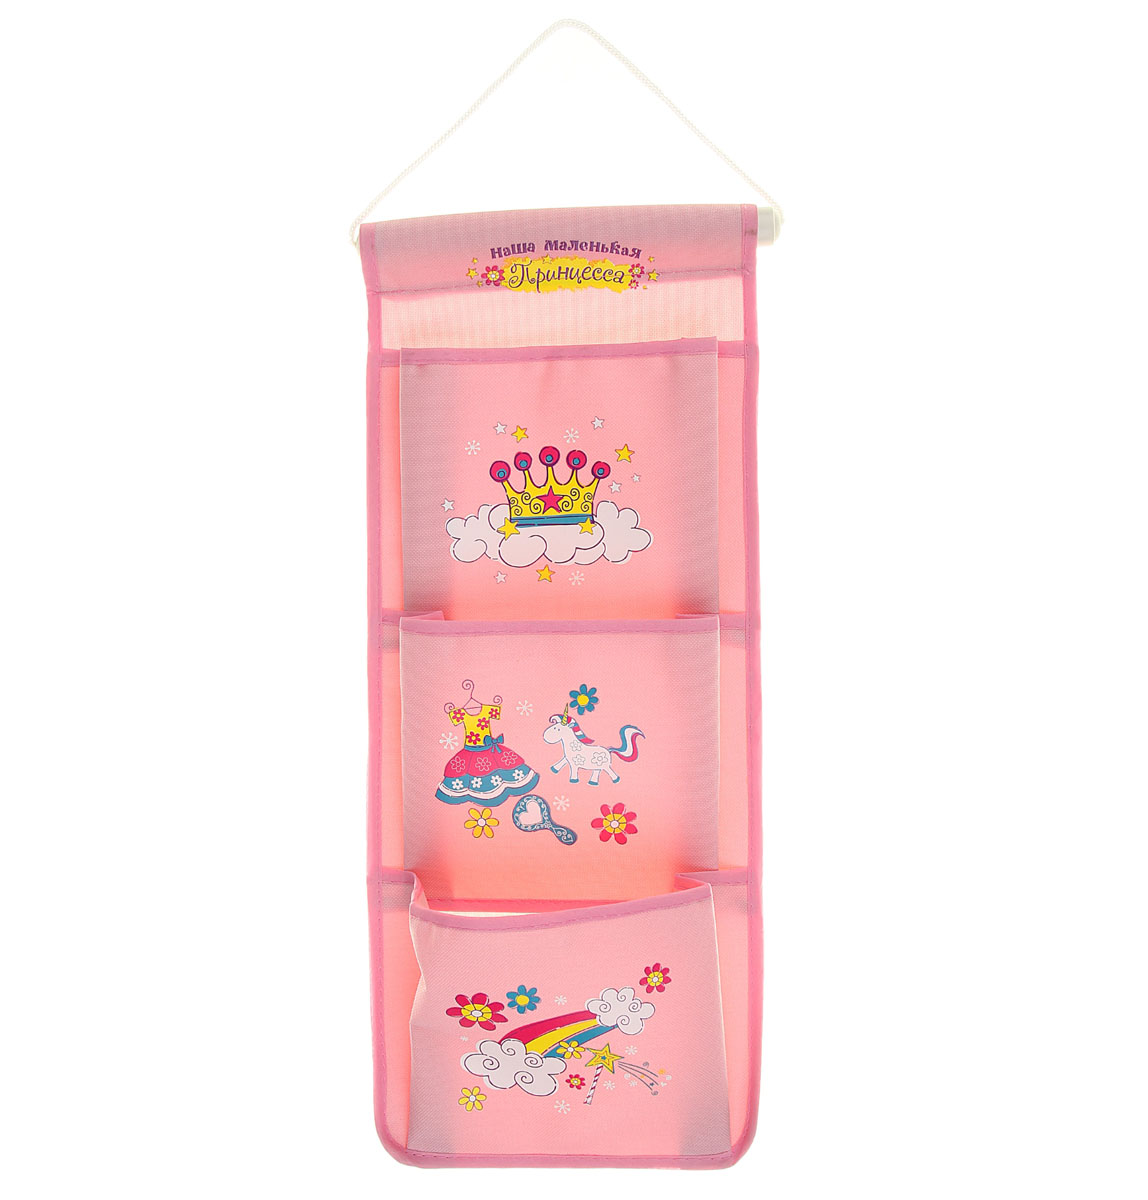 Кармашки на стену Sima-land Наша маленькая принцесса, цвет: розовый, белый, желтый, 3 шт98299571Кармашки на стену Sima-land «Наша маленькая принцесса», изготовленные из текстиля и пластика, предназначены для хранения необходимых вещей, множества мелочей в гардеробной, ванной, детской комнатах. Изделие представляет собой текстильное полотно с тремя пришитыми кармашками. Благодаря пластмассовой планке и шнурку, кармашки можно подвесить на стену или дверь в необходимом для вас месте. Кармашки декорированы изображениями короны, платья, цветов и надписью «Наша маленькая принцесса».Этот нужный предмет может стать одновременно и декоративным элементом комнаты. Яркий дизайн, как ничто иное, способен оживить интерьер вашего дома.